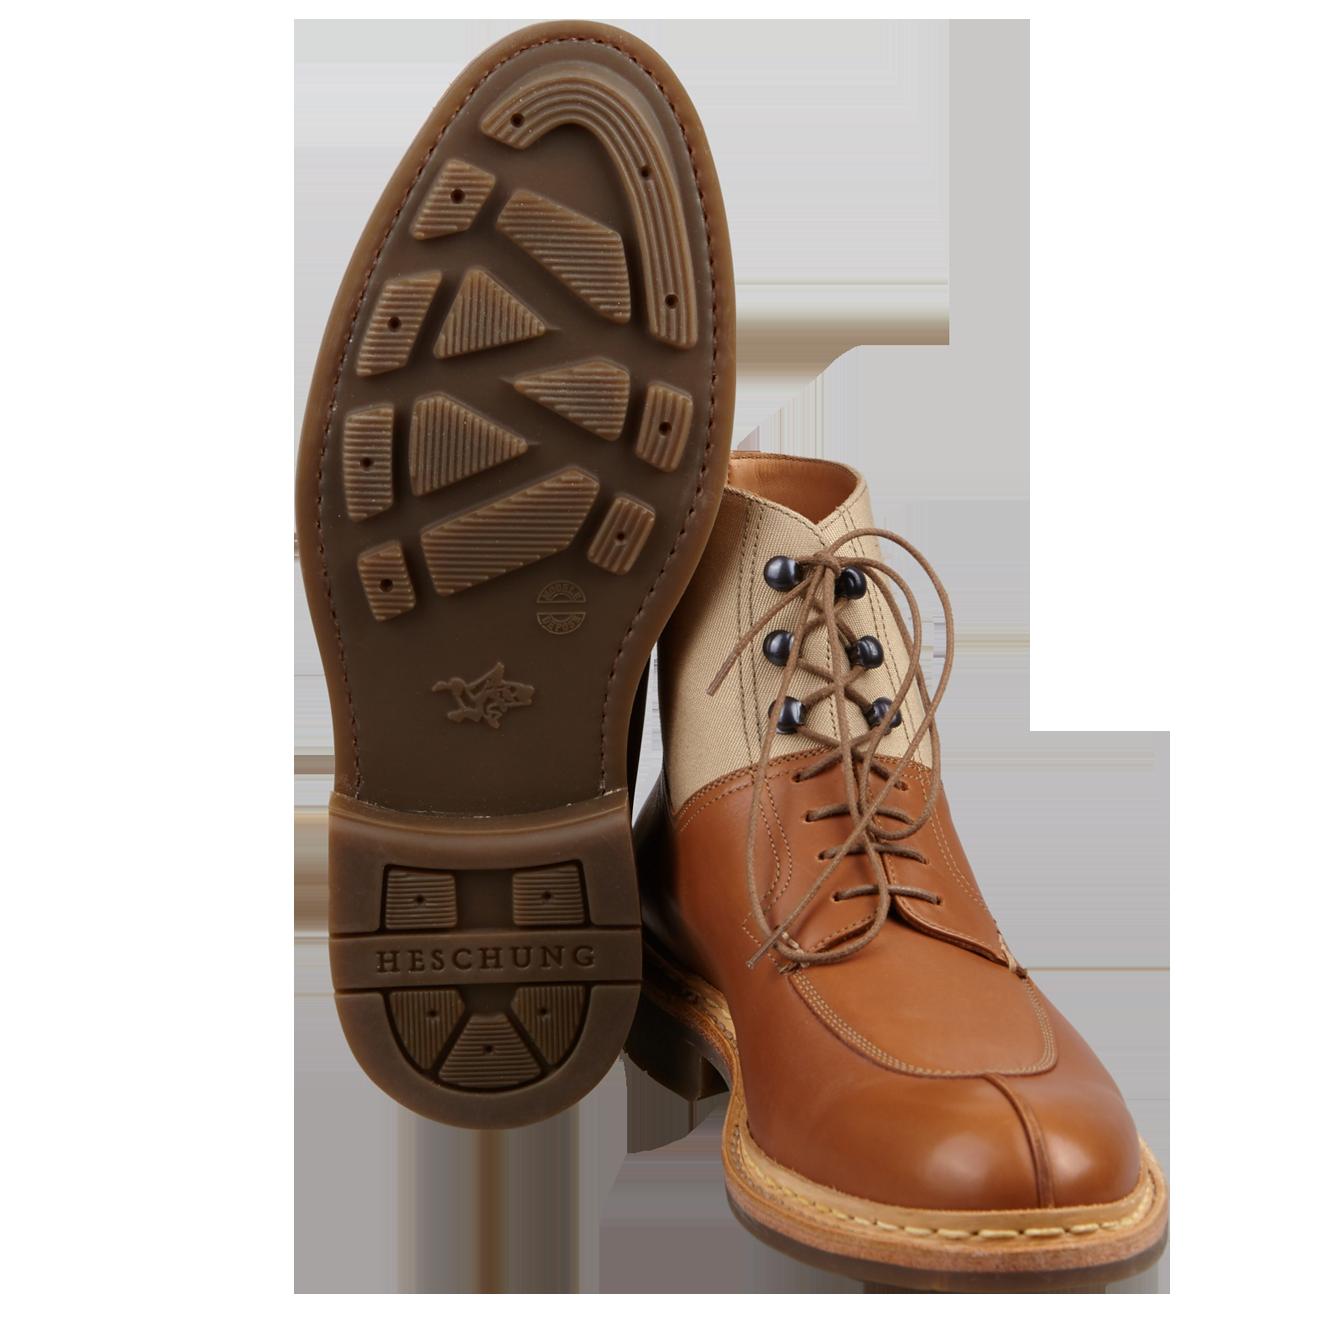 Heschung Ginkgo Boots Gold Bottom